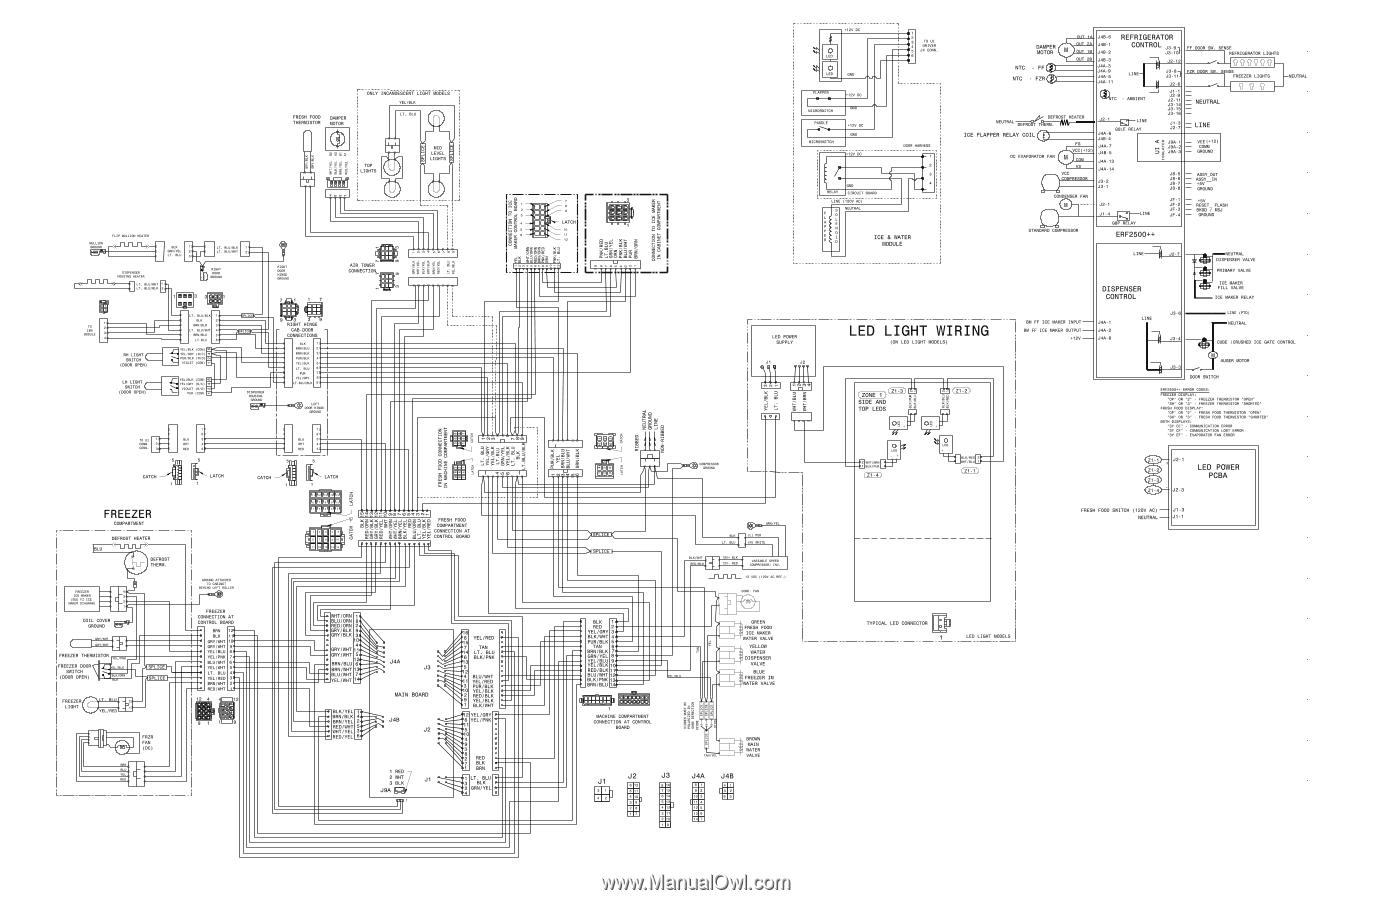 frigidaire valve wiring diagram frigidaire fphb2899lf wiring diagram  all languages  page 1  frigidaire fphb2899lf wiring diagram